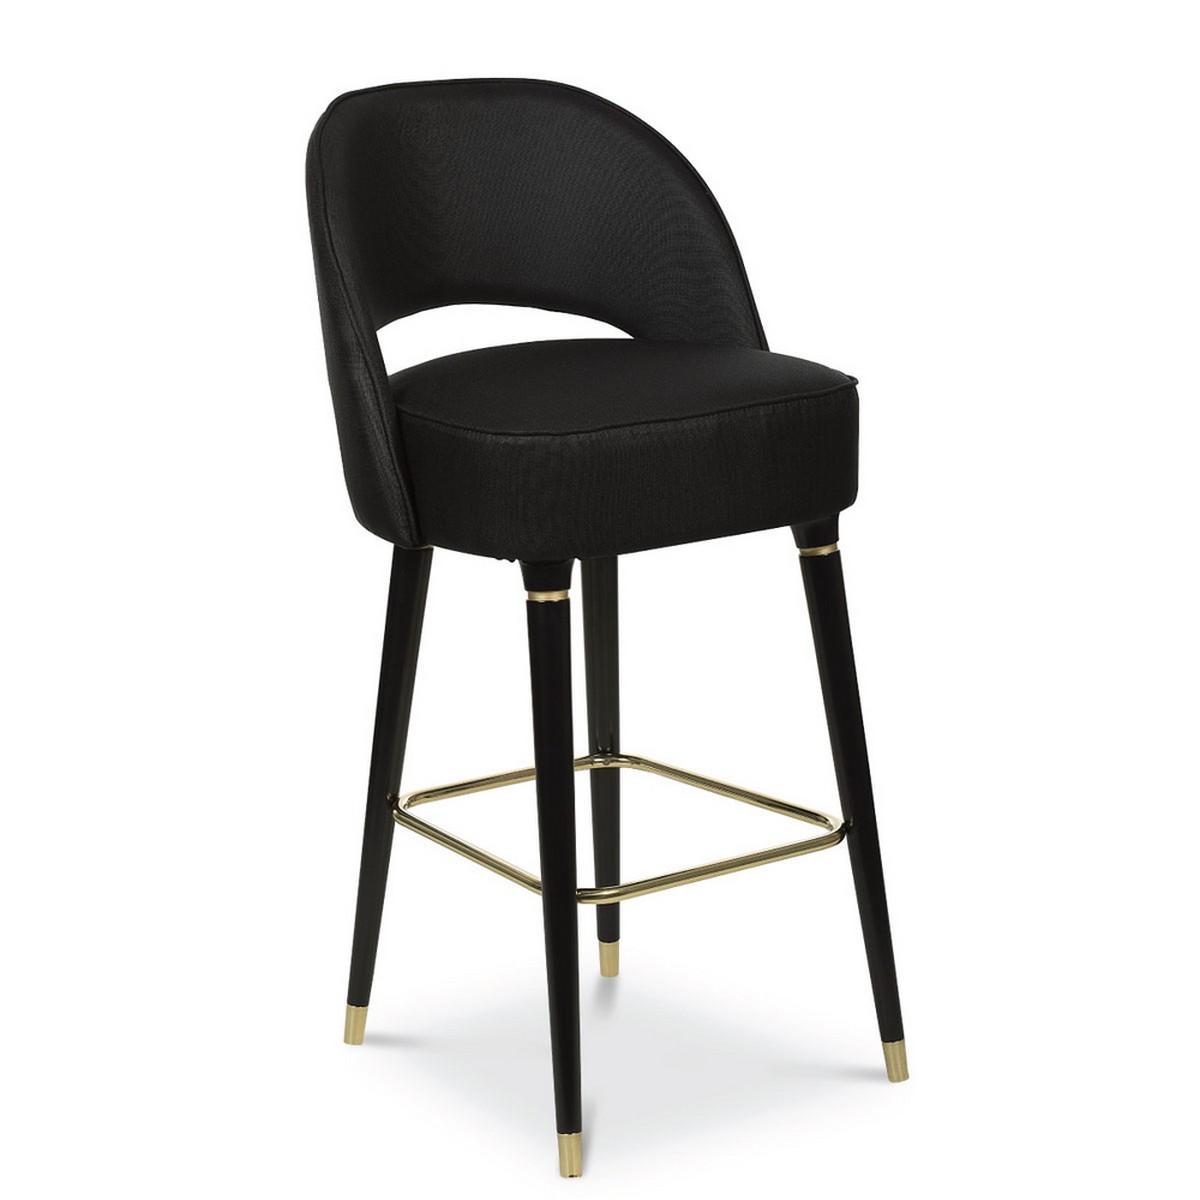 Top Contemporary Bar Stools contemporary bar stools Top Contemporary Bar Stools collins2